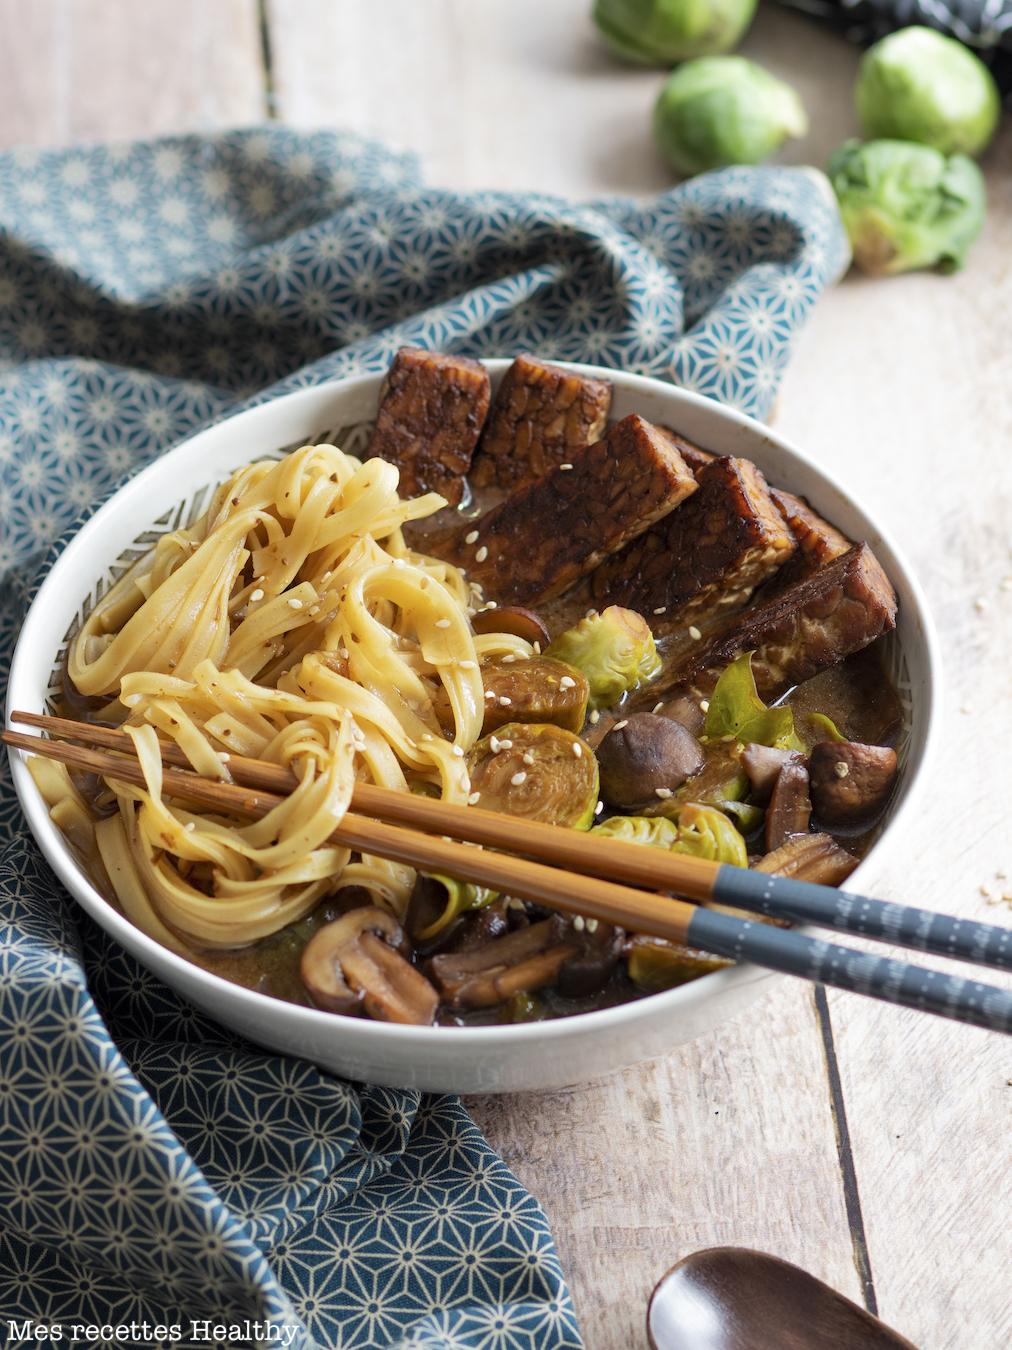 recette healthy-ramen-nouille chinoise-legume-vegetarien-tempeh-japonais